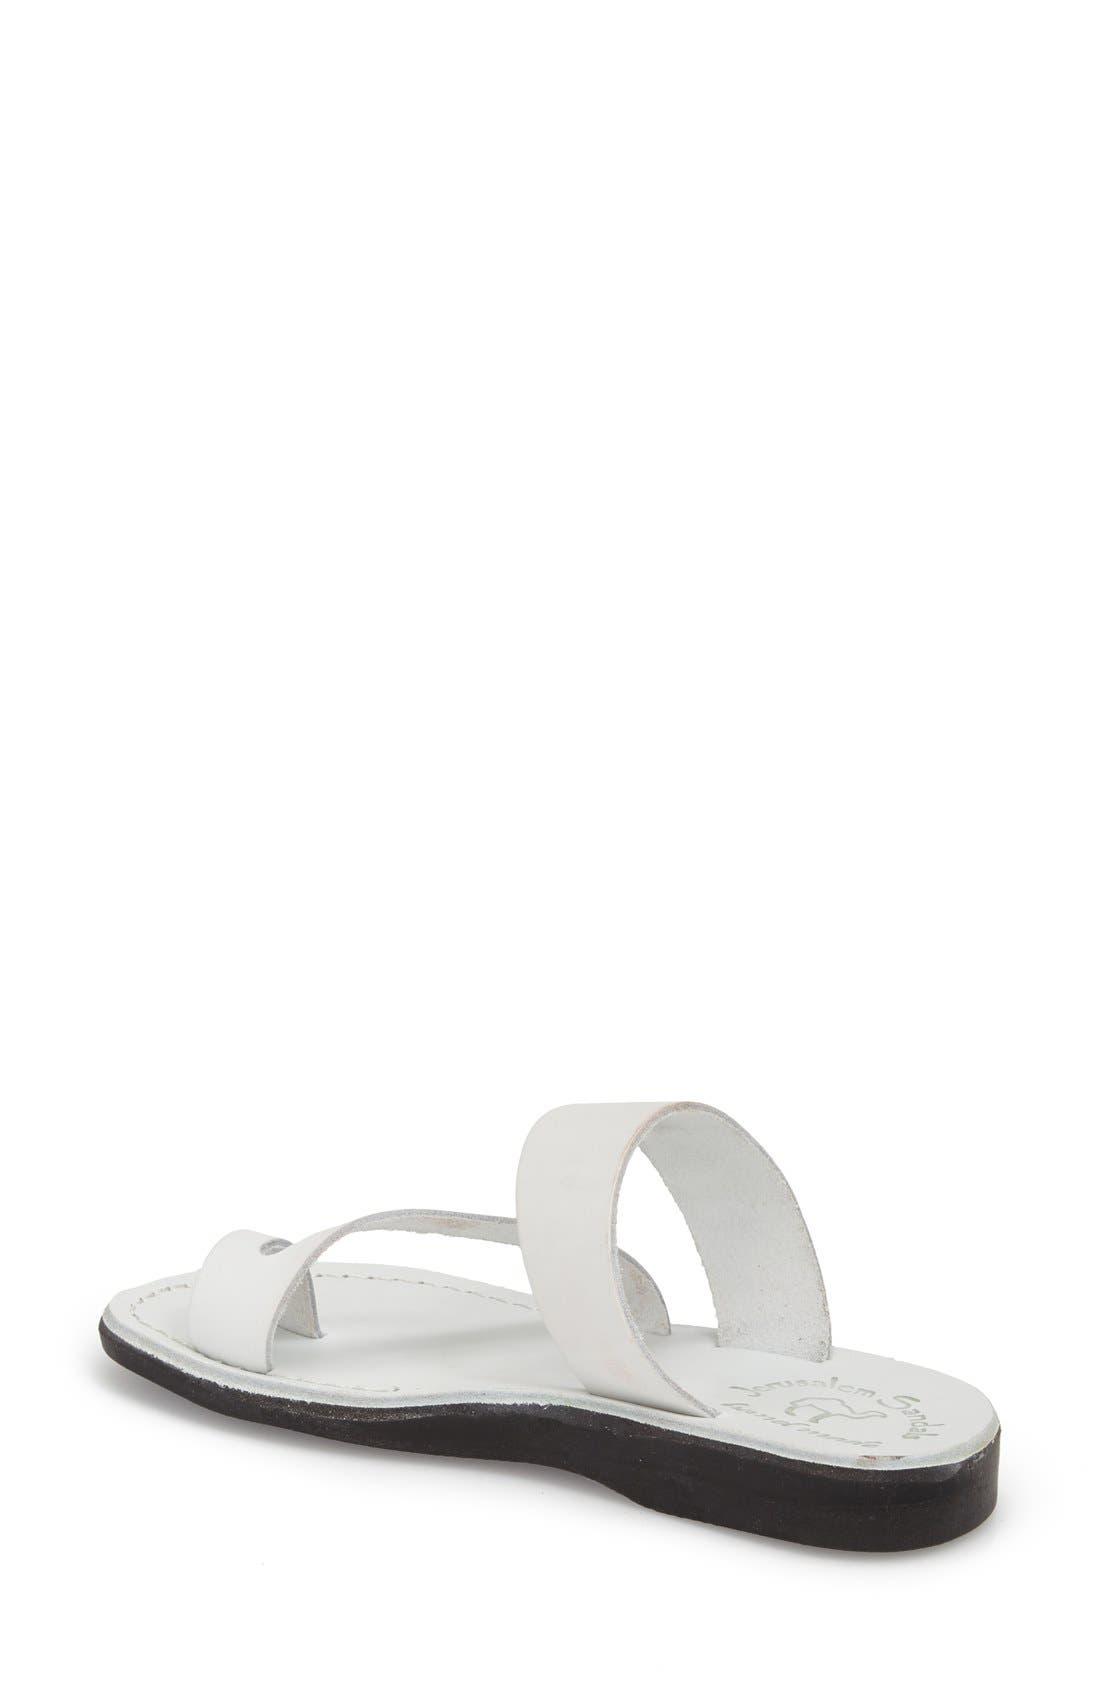 Alternate Image 2  - Jerusalem Sandals 'Zohar' Leather Sandal (Women)